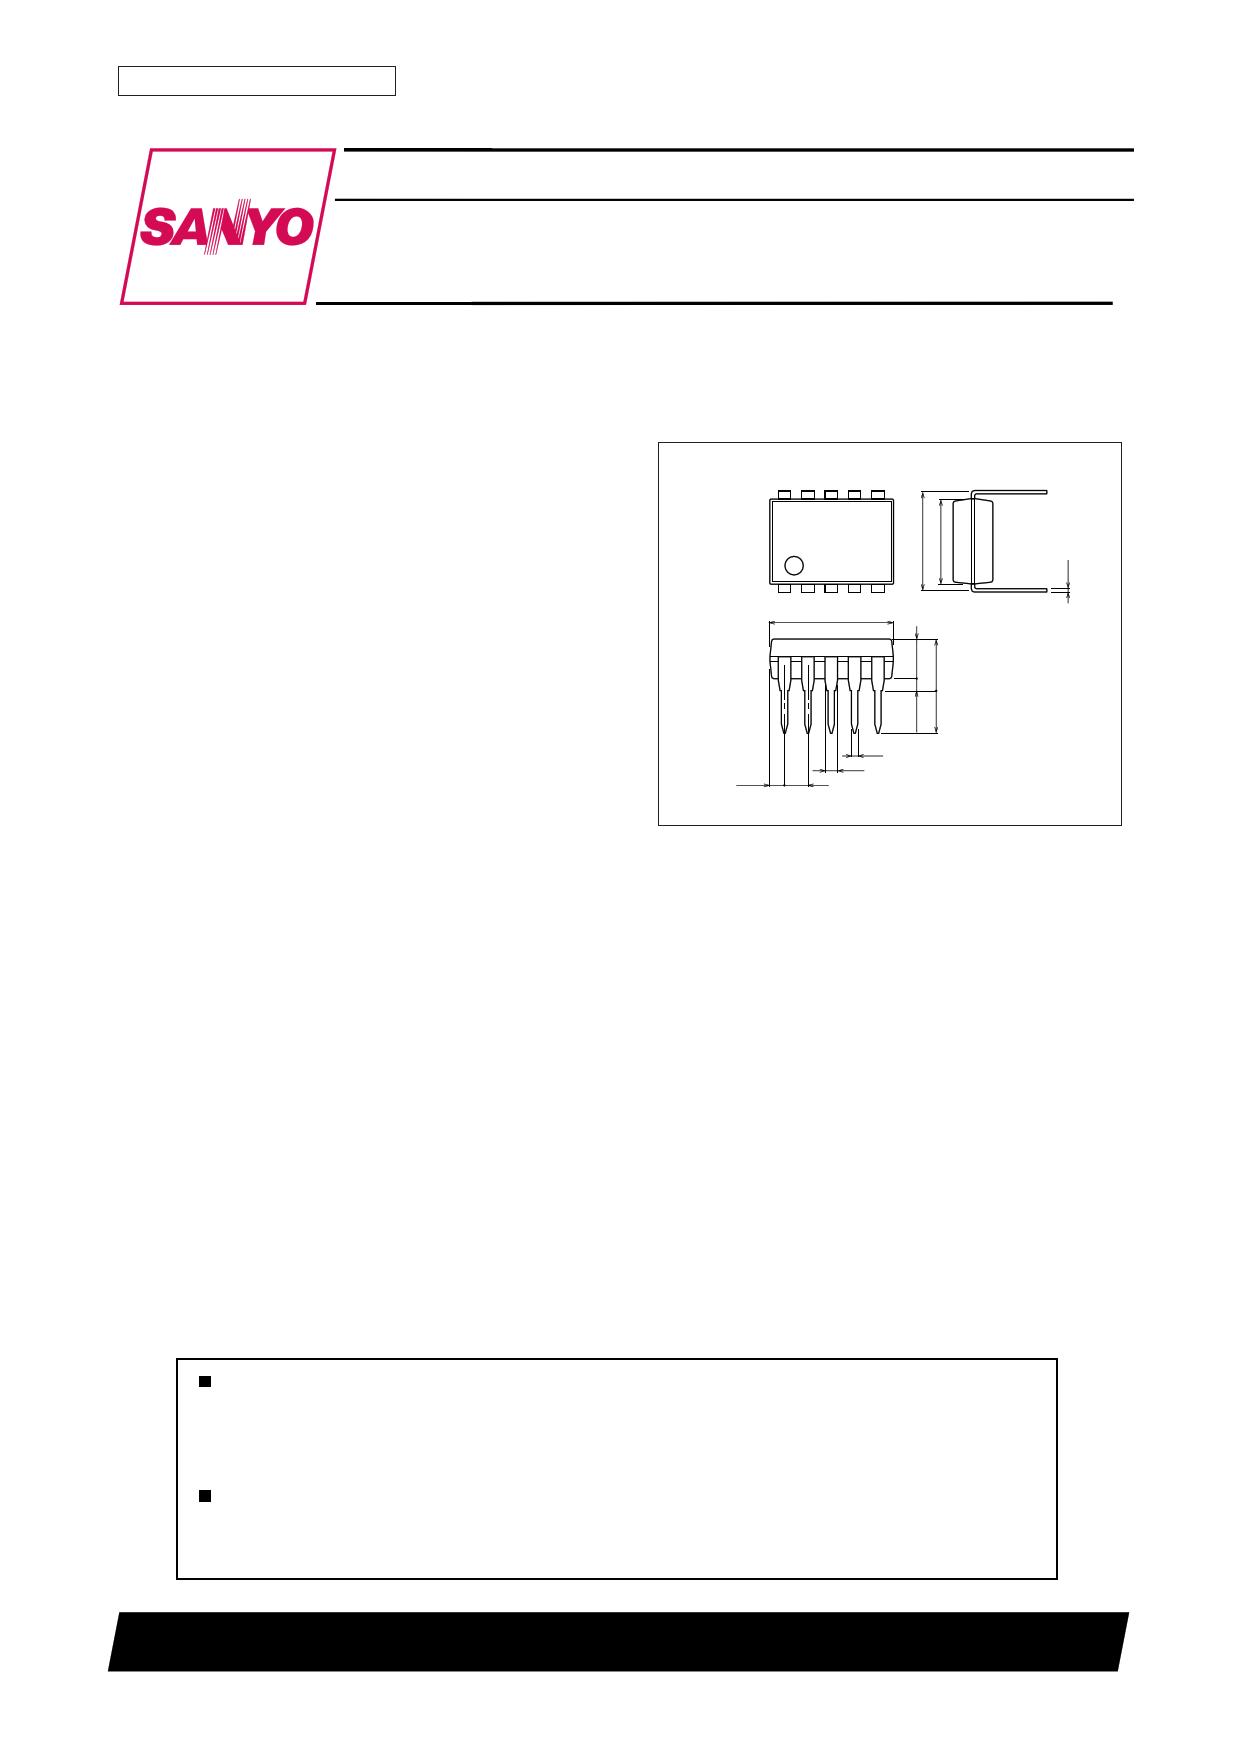 LB1868 datasheet